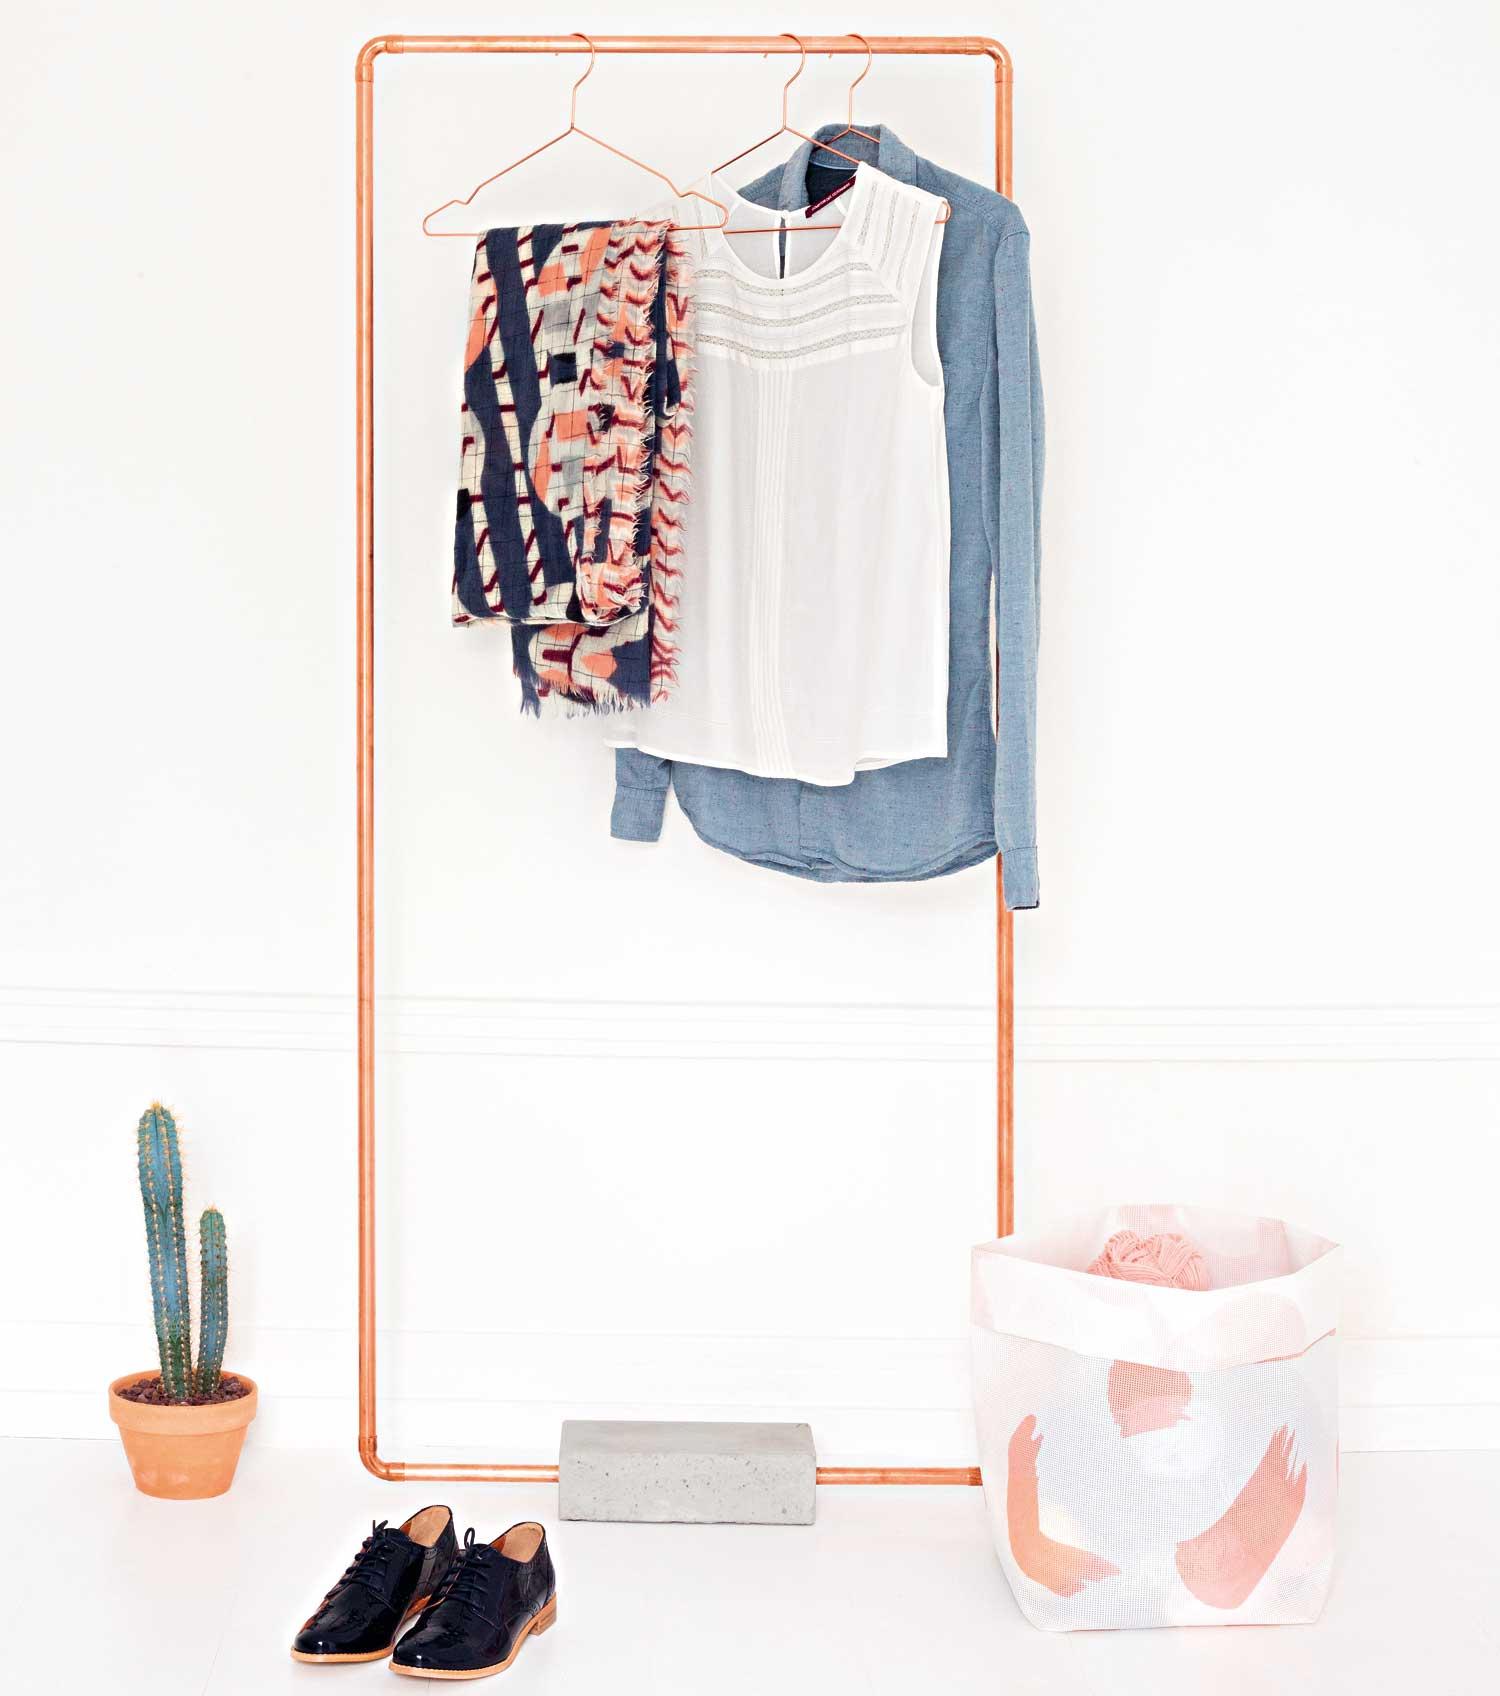 DIY Réaliser Un Portant Pour Les Vêtements Leroy Merlin - Portant bois